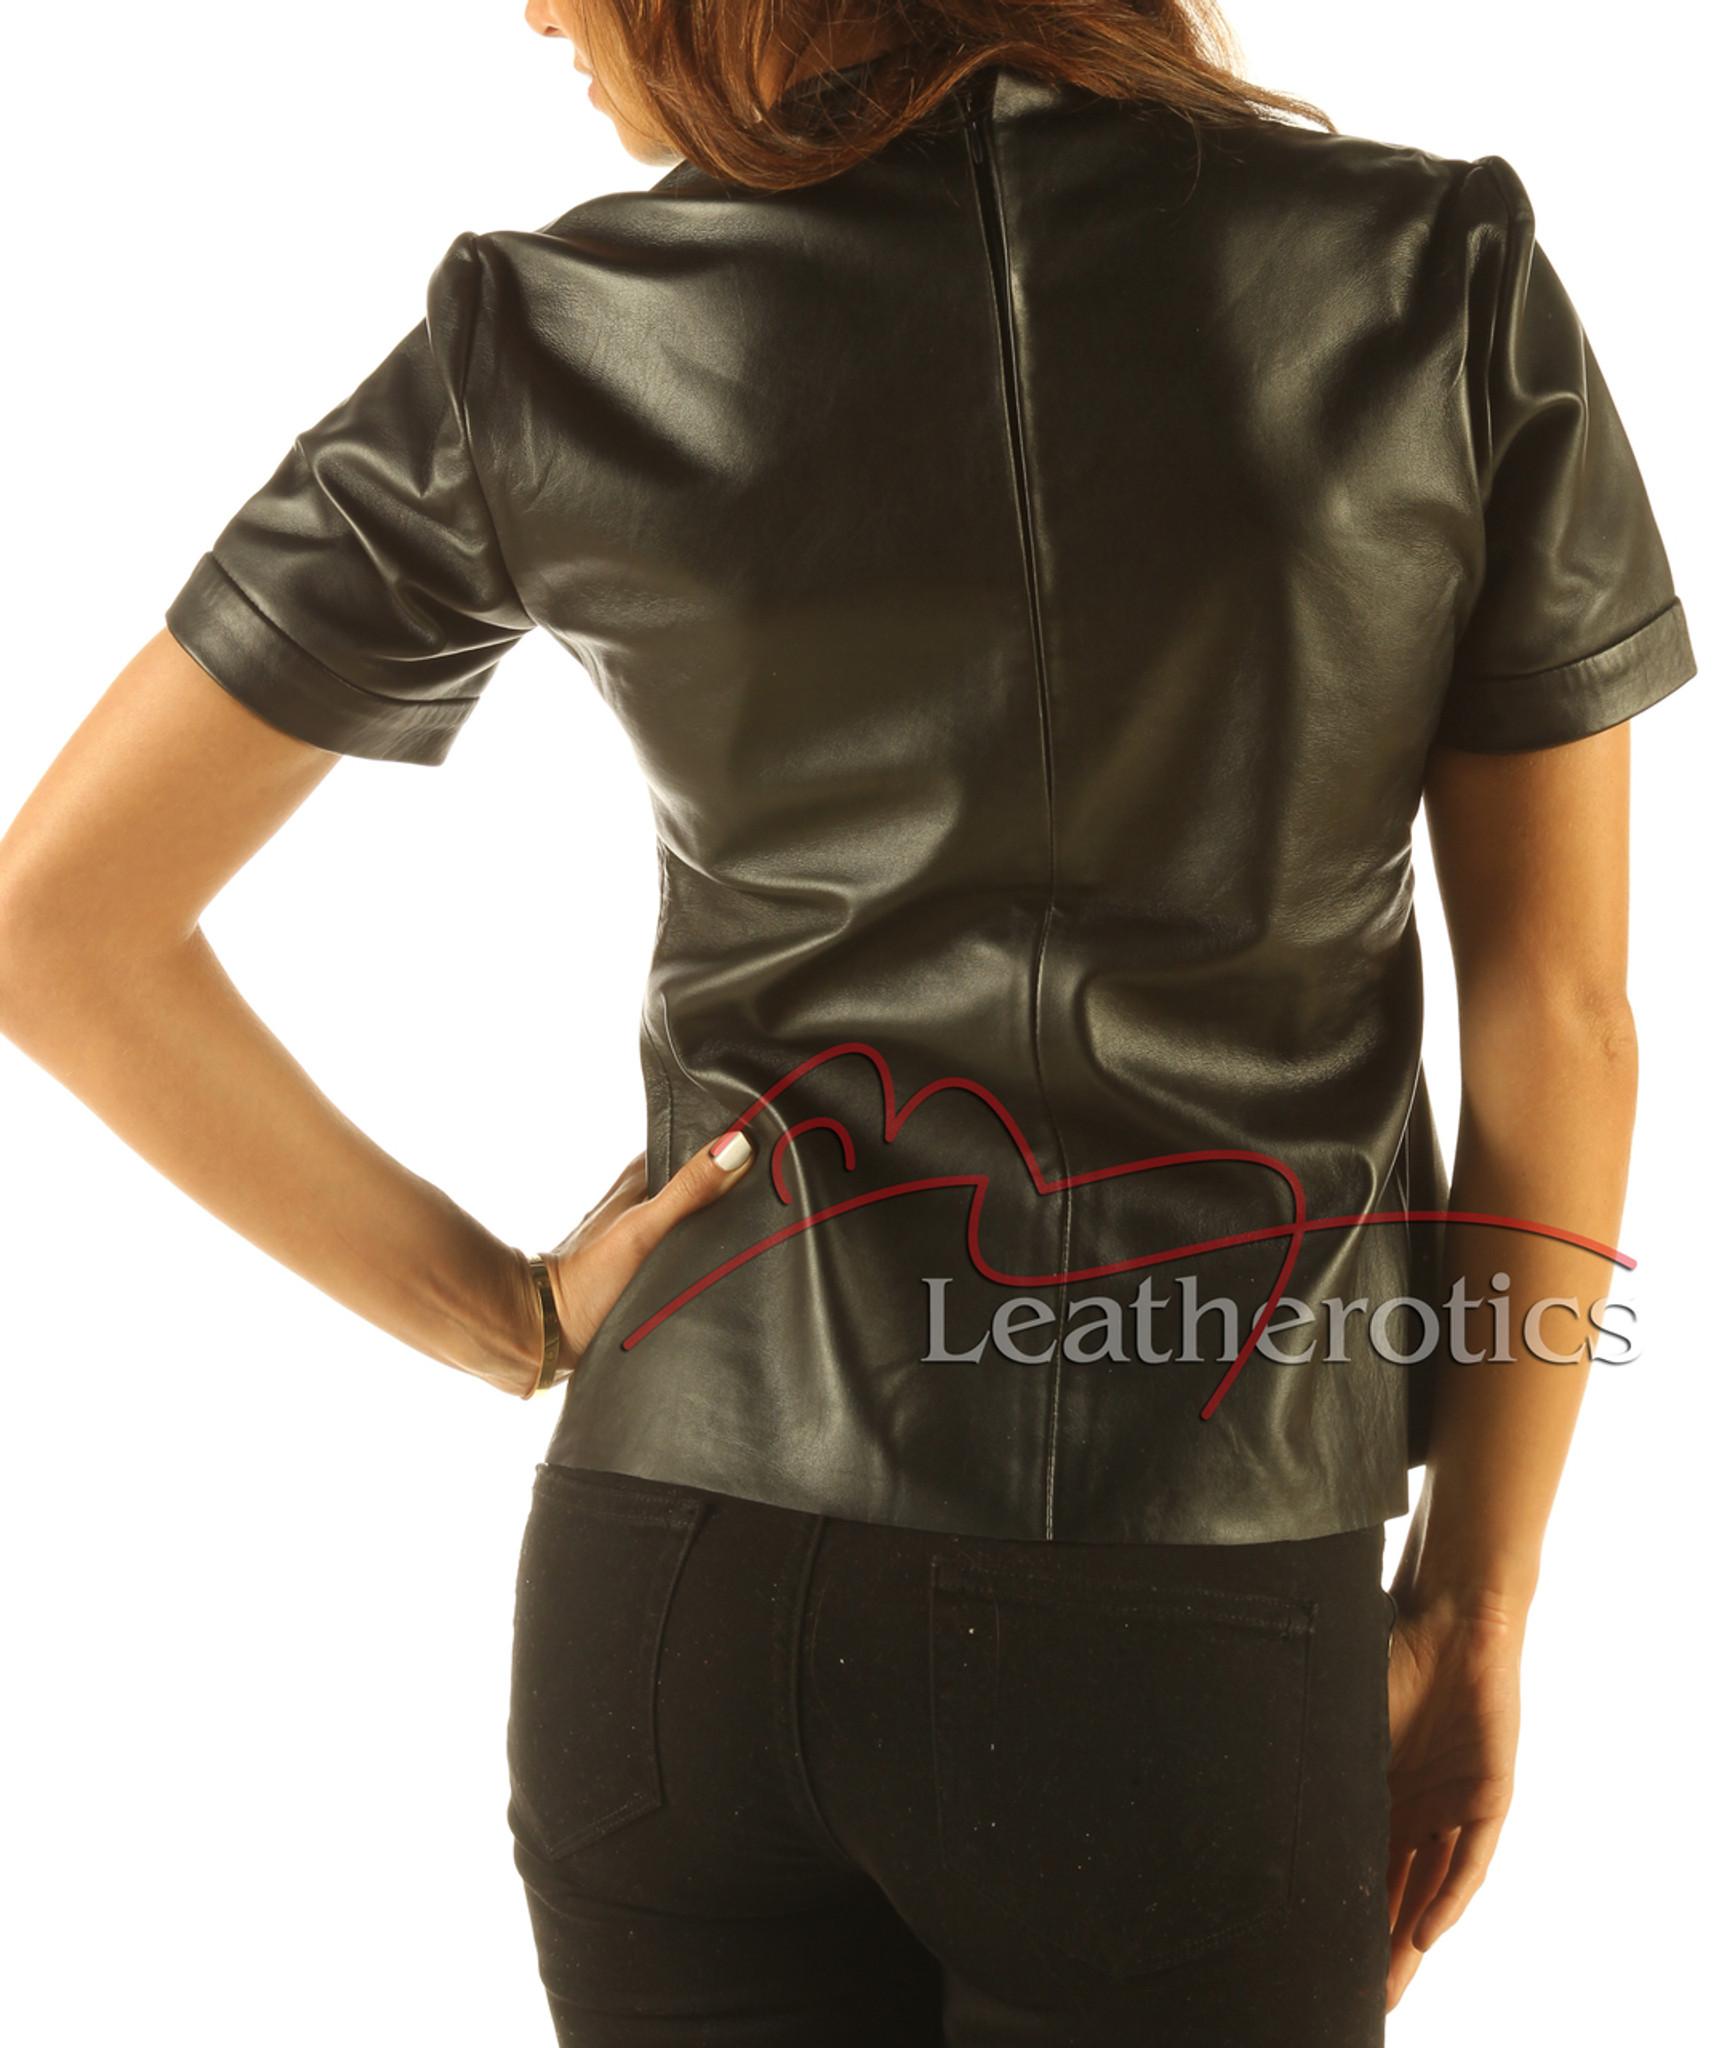 e9de343a08 ... Full Grain Leather T-Shirt Light Top Celebrity T-shirt Vest With Zip  Back